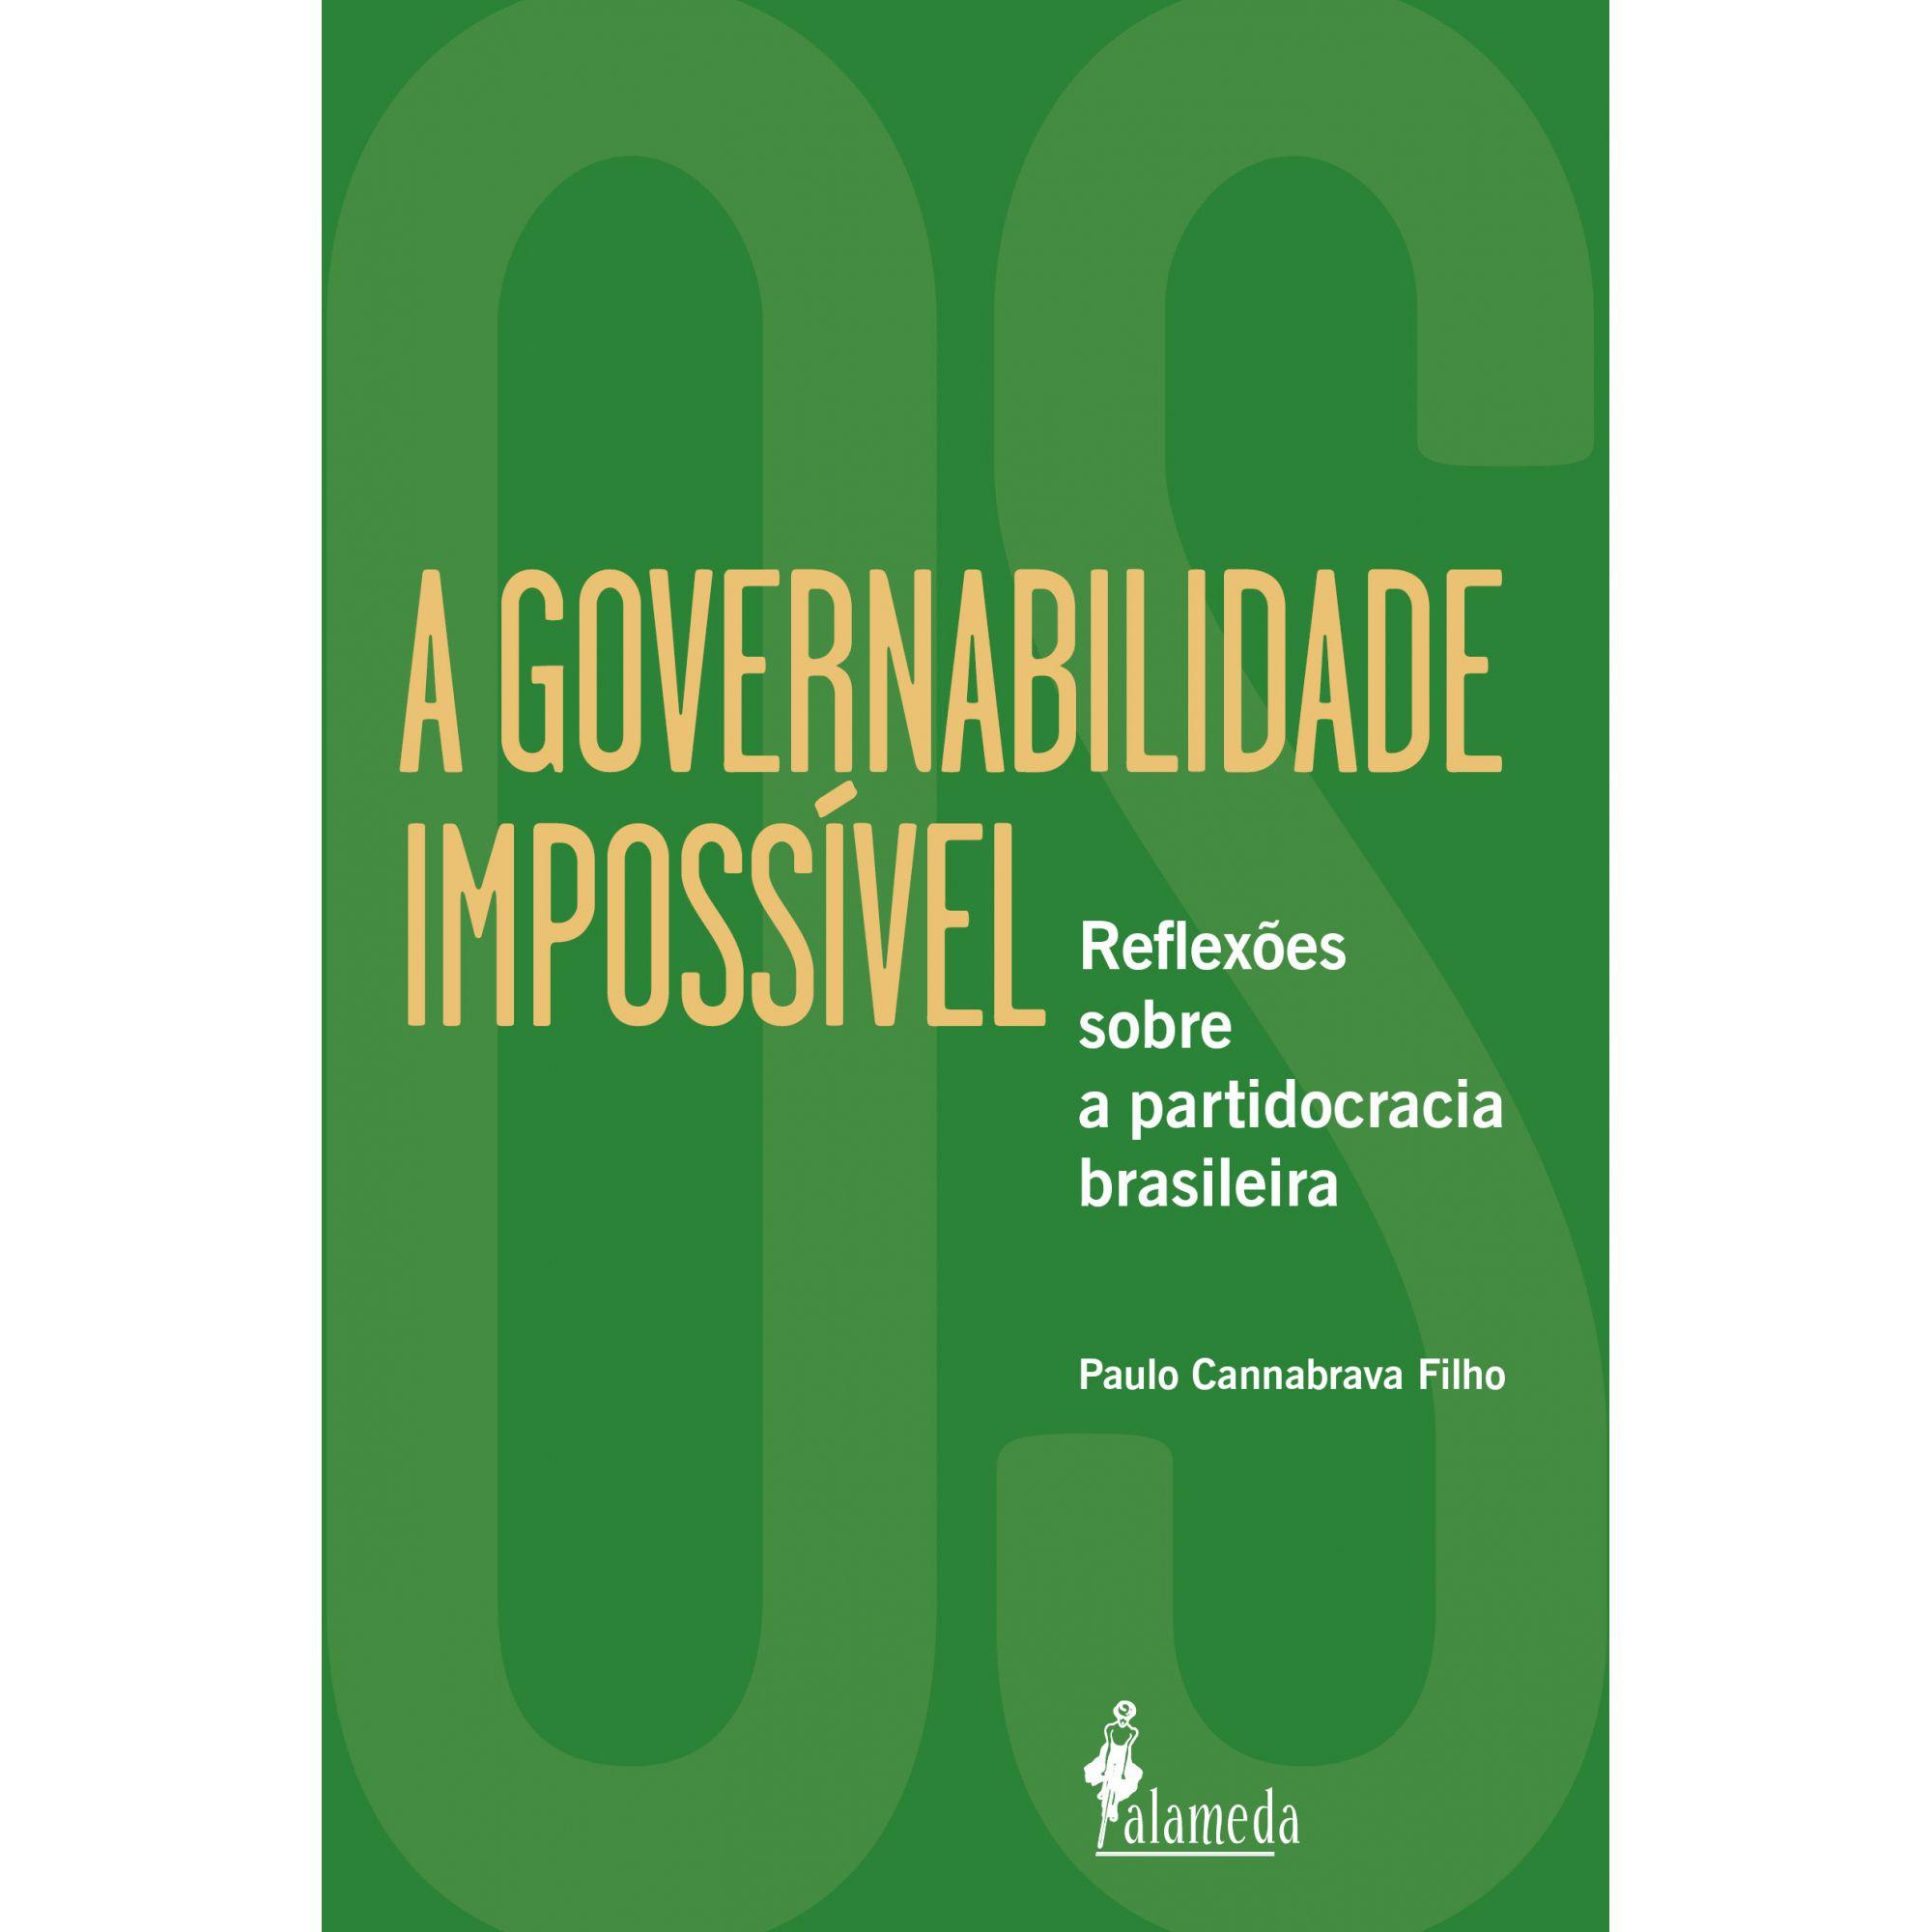 A Governabilidade Impossível - Paulo Cannabrava Filho